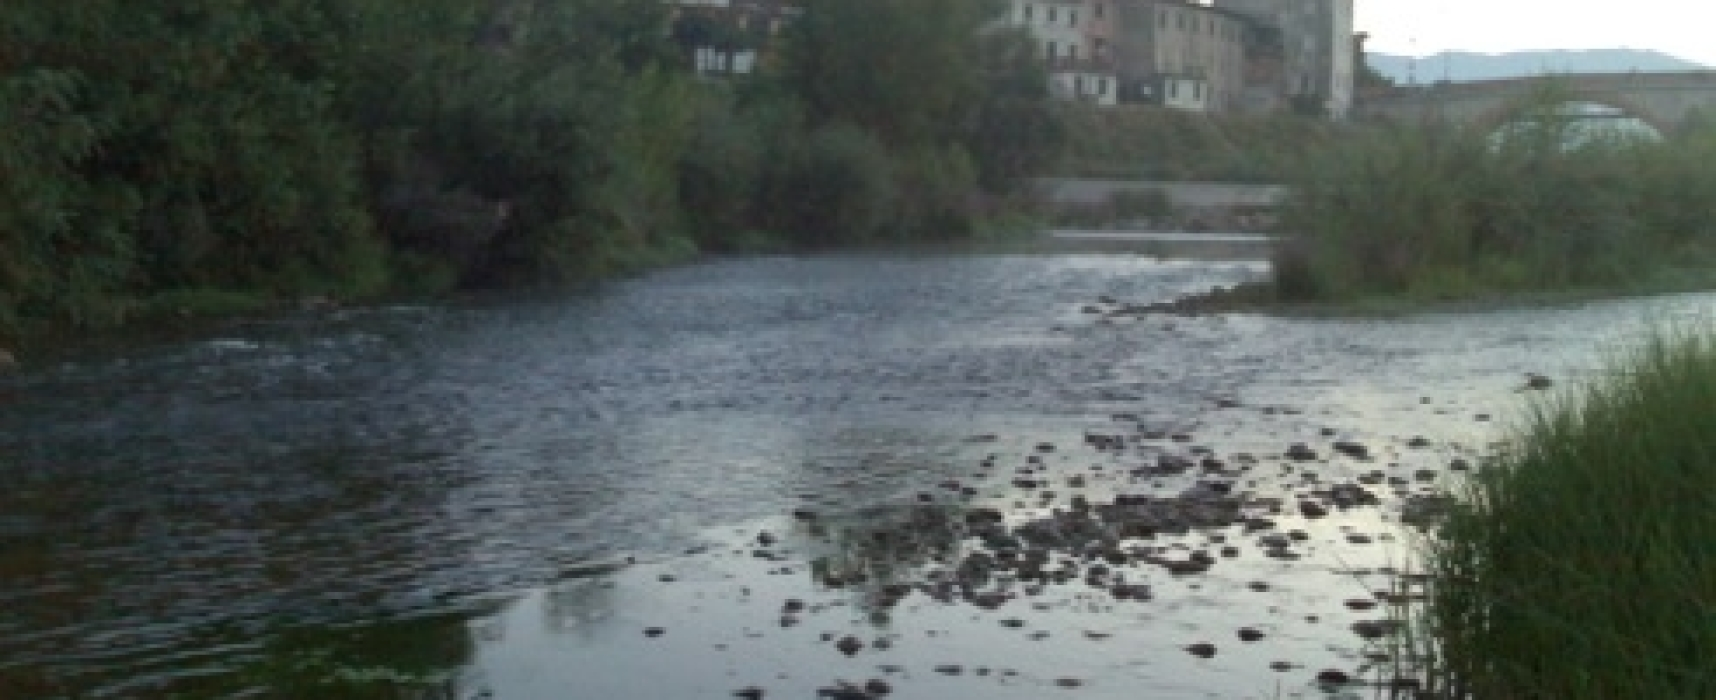 Cadavere senza testa ritrovato sulle sponde del fiume Serchio